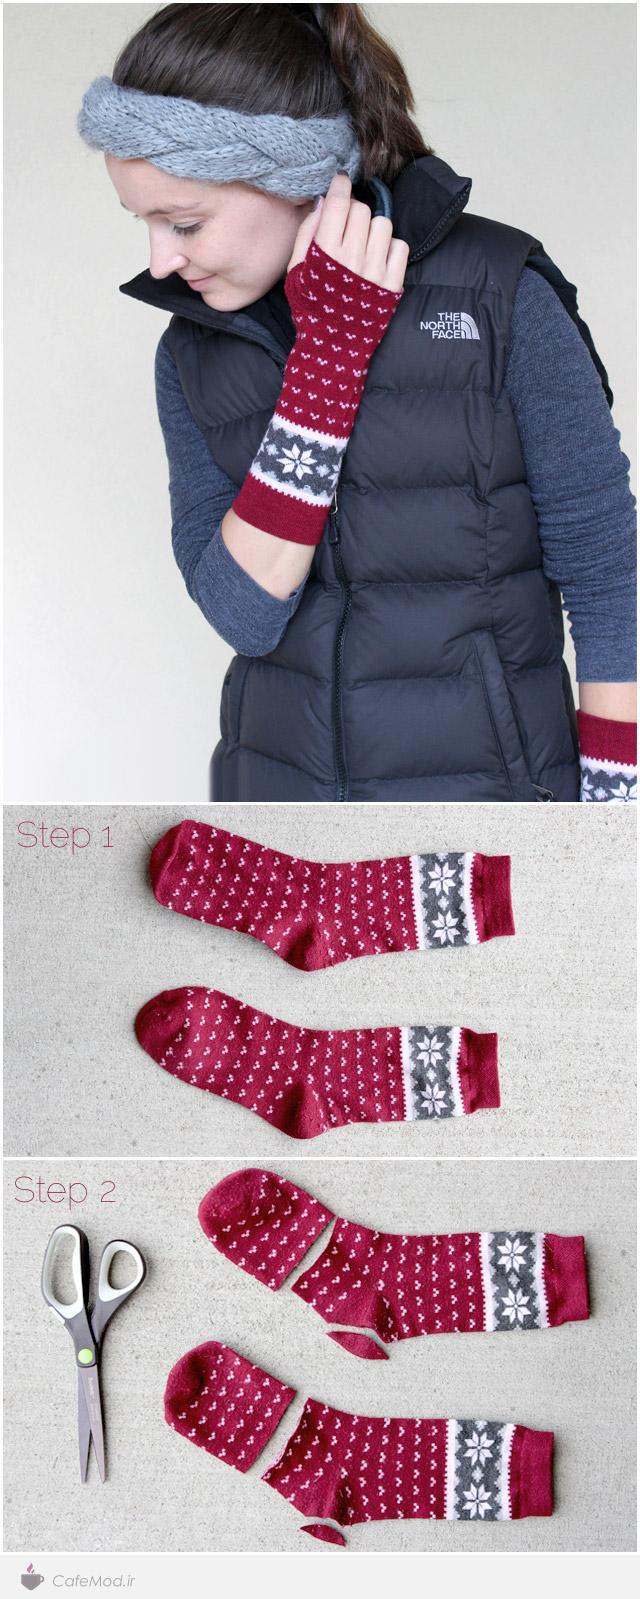 آموزش تغییر جوراب بافتنی به دستکش زمستانه